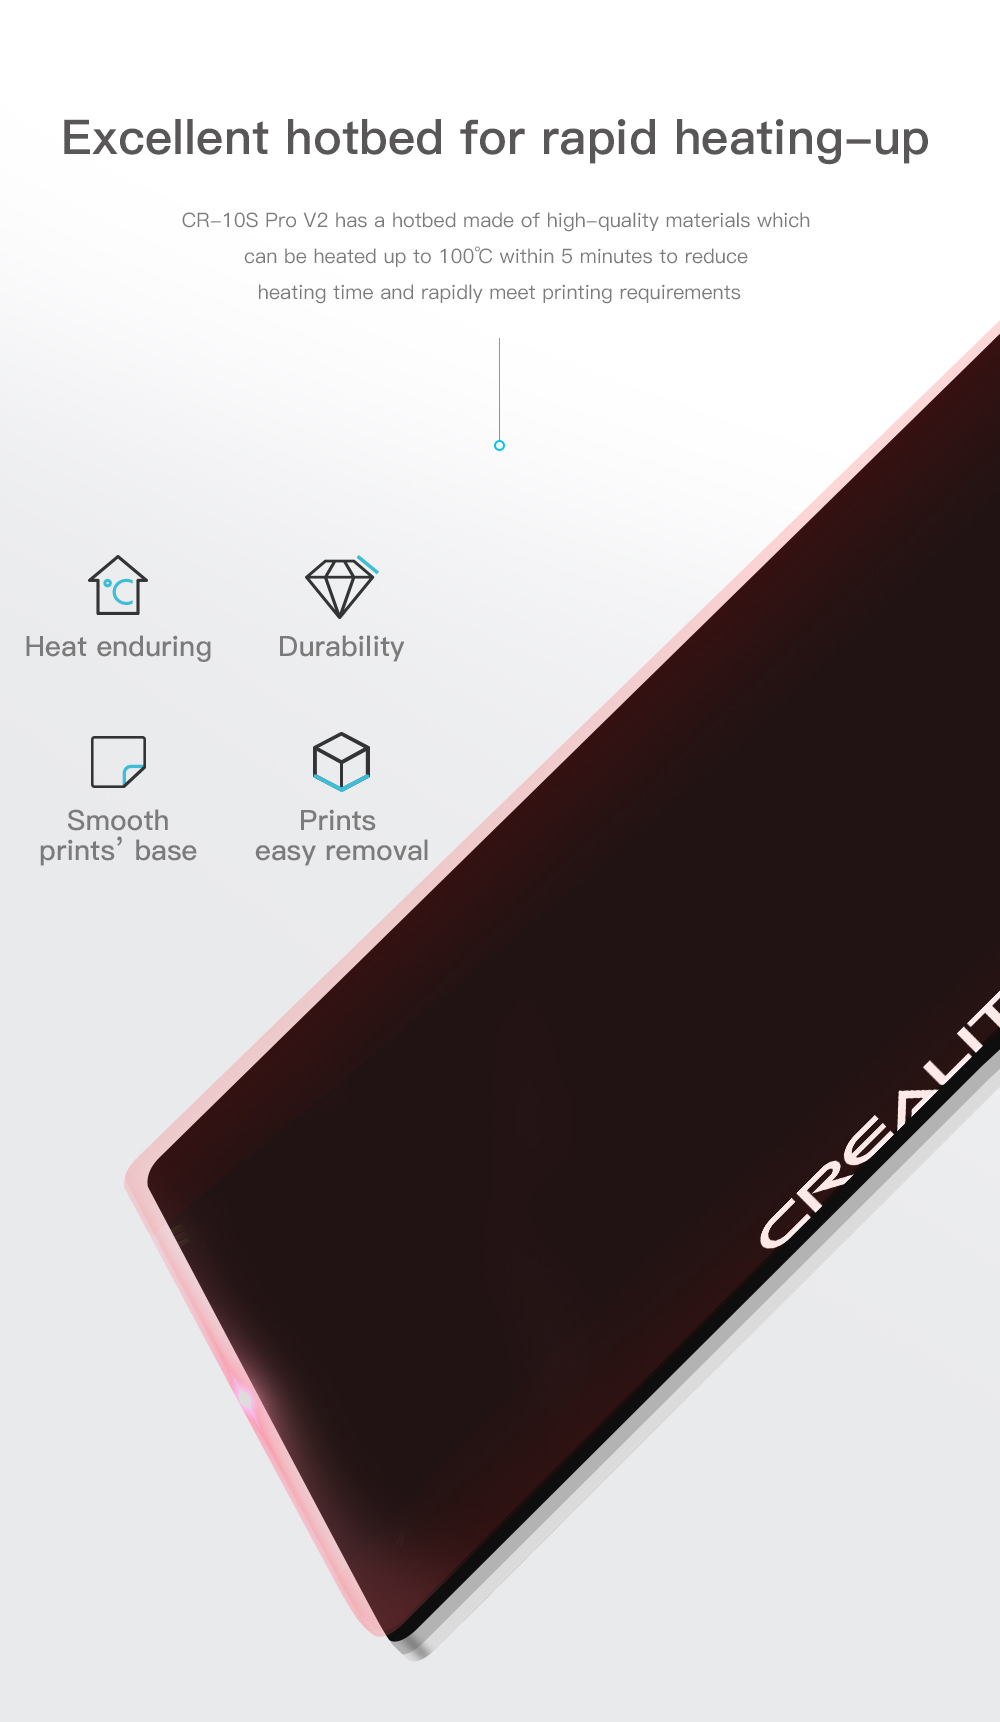 Creality3D CR-10S Pro V2 3D-Drucker Bausatz - 300x300x400mm - Schnell aufheizendes Heizbett